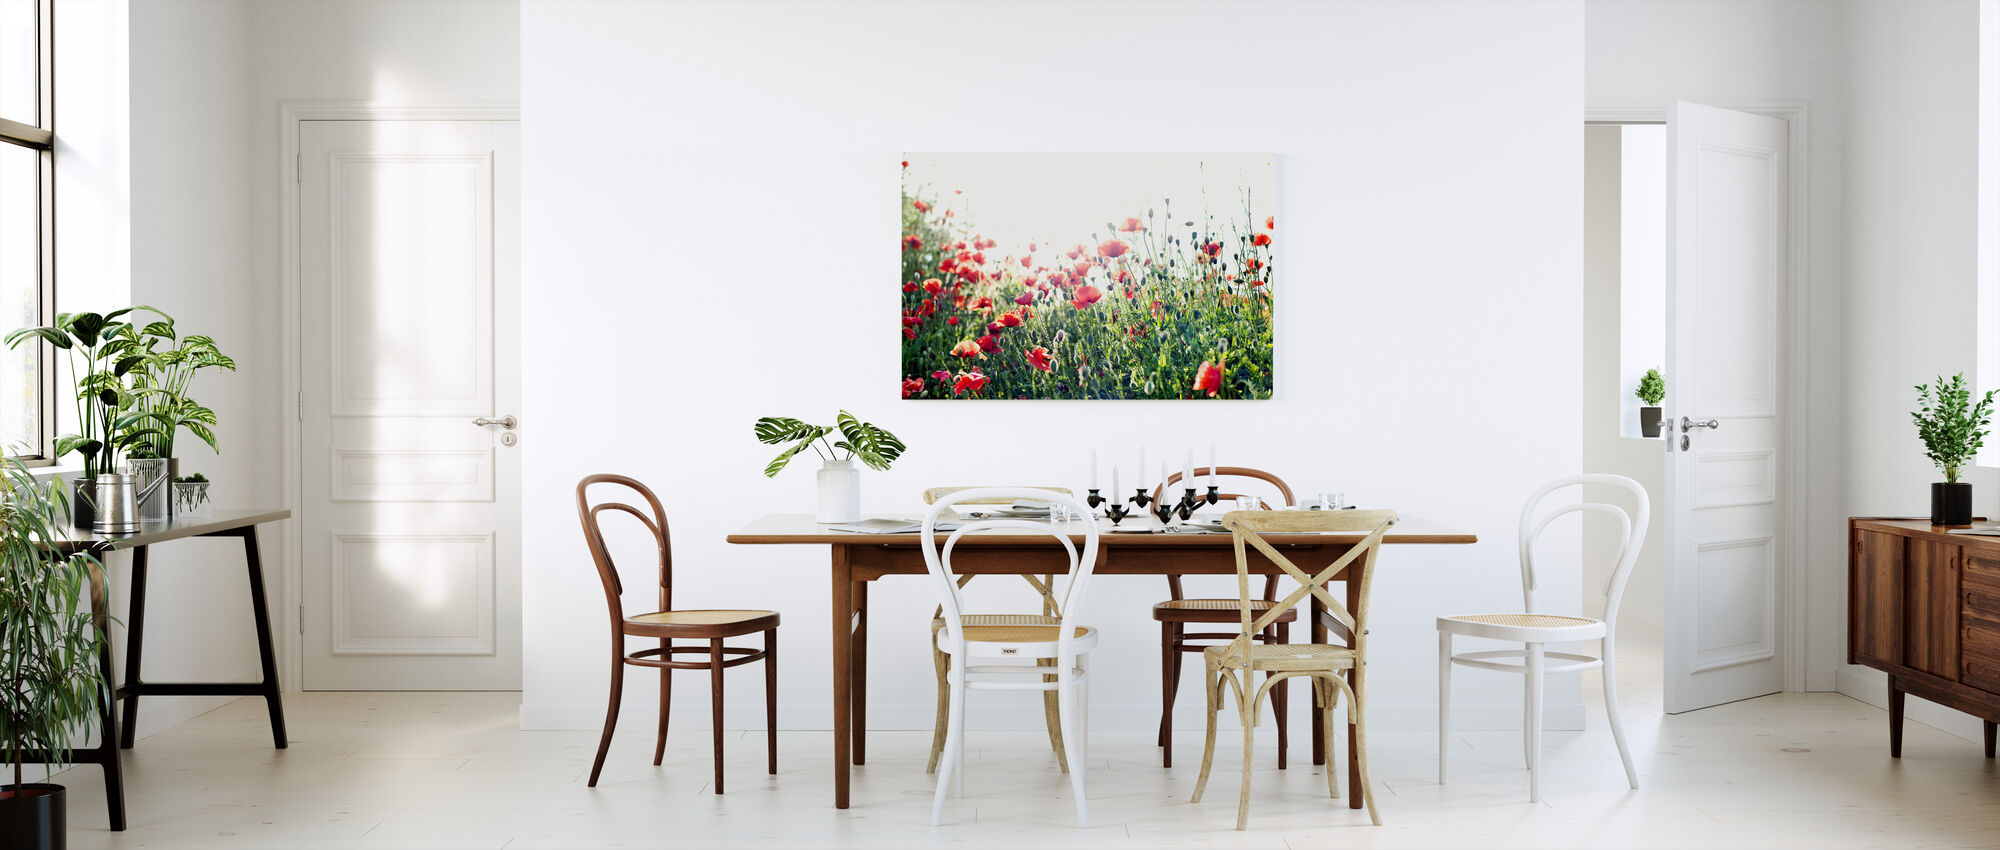 Gotland Poppies - Canvas print - Kitchen